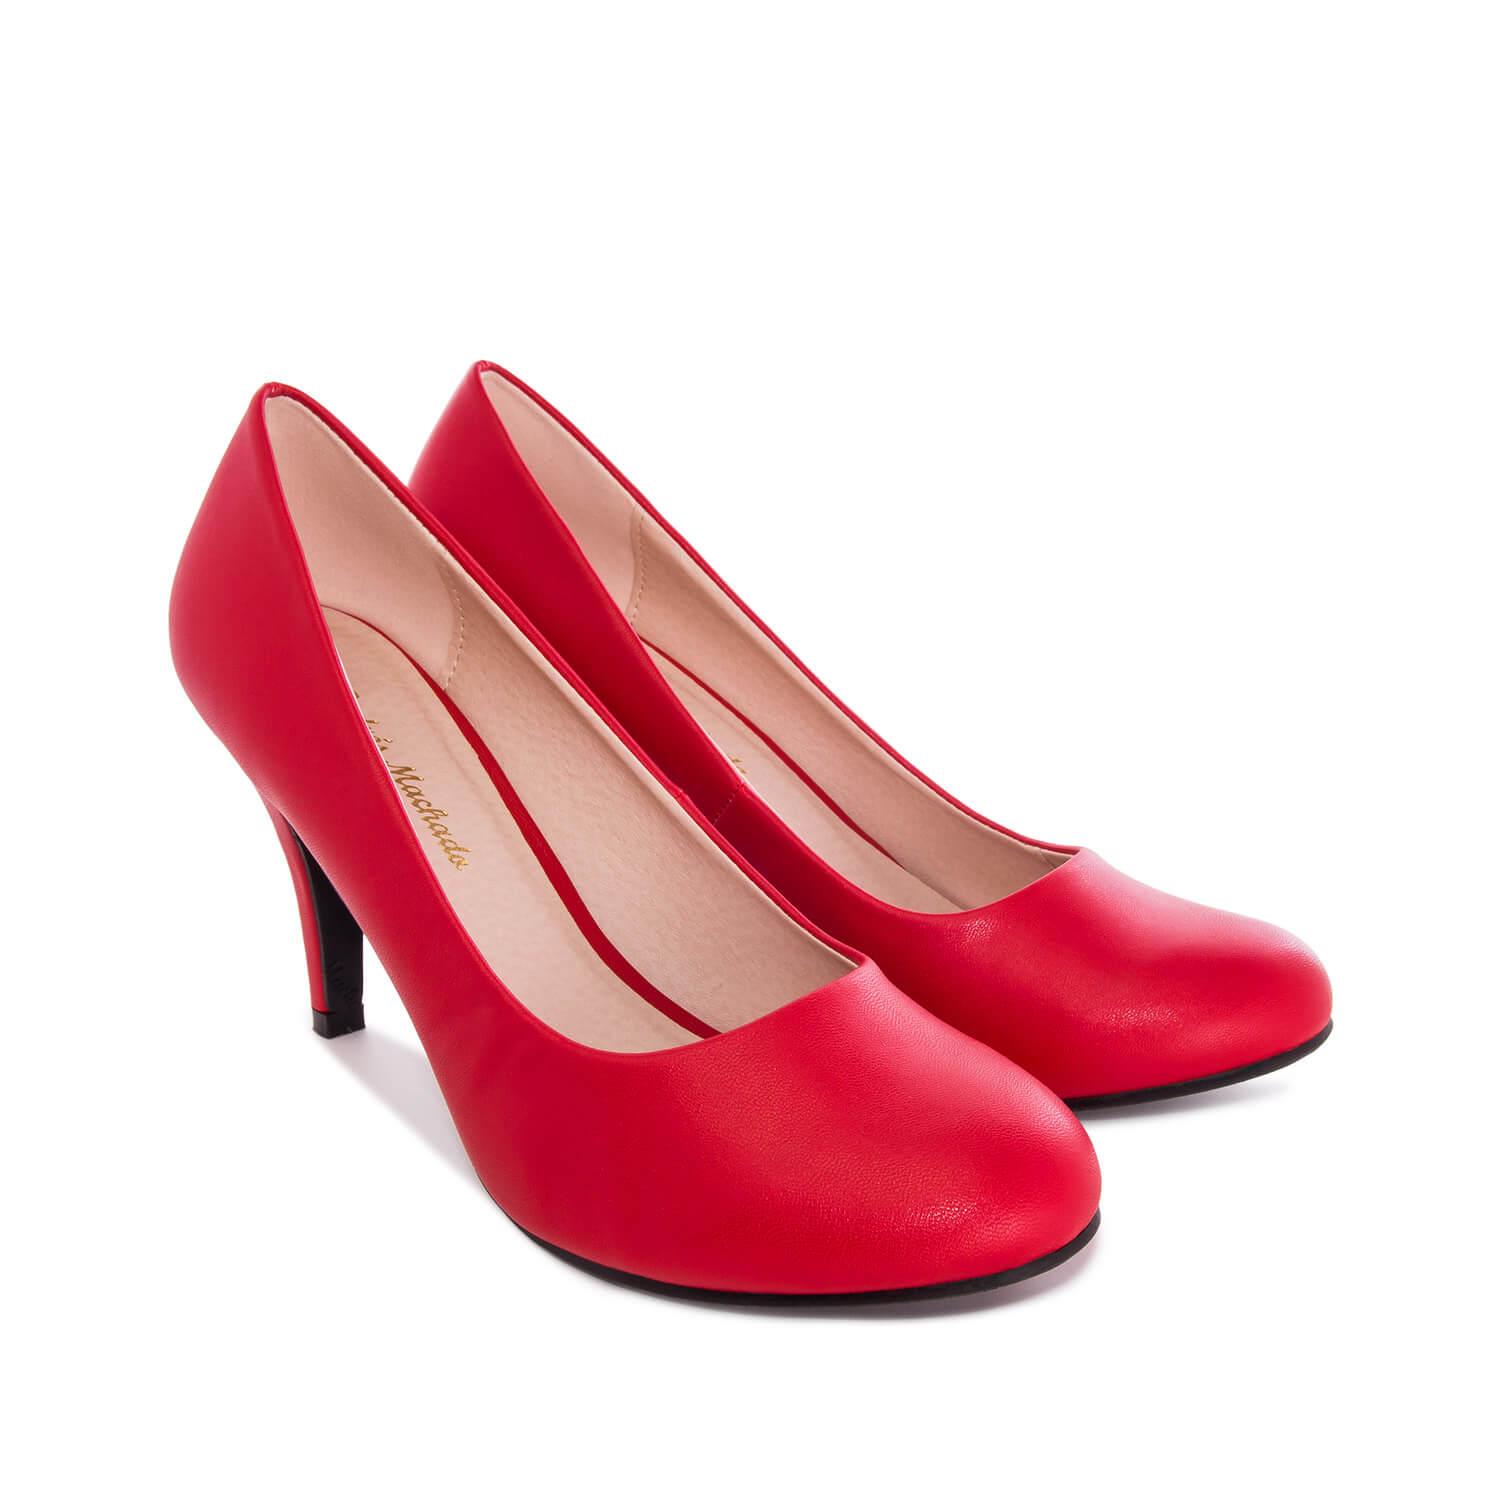 Červené lodičky se zaoblenou špičkou, styl retro.